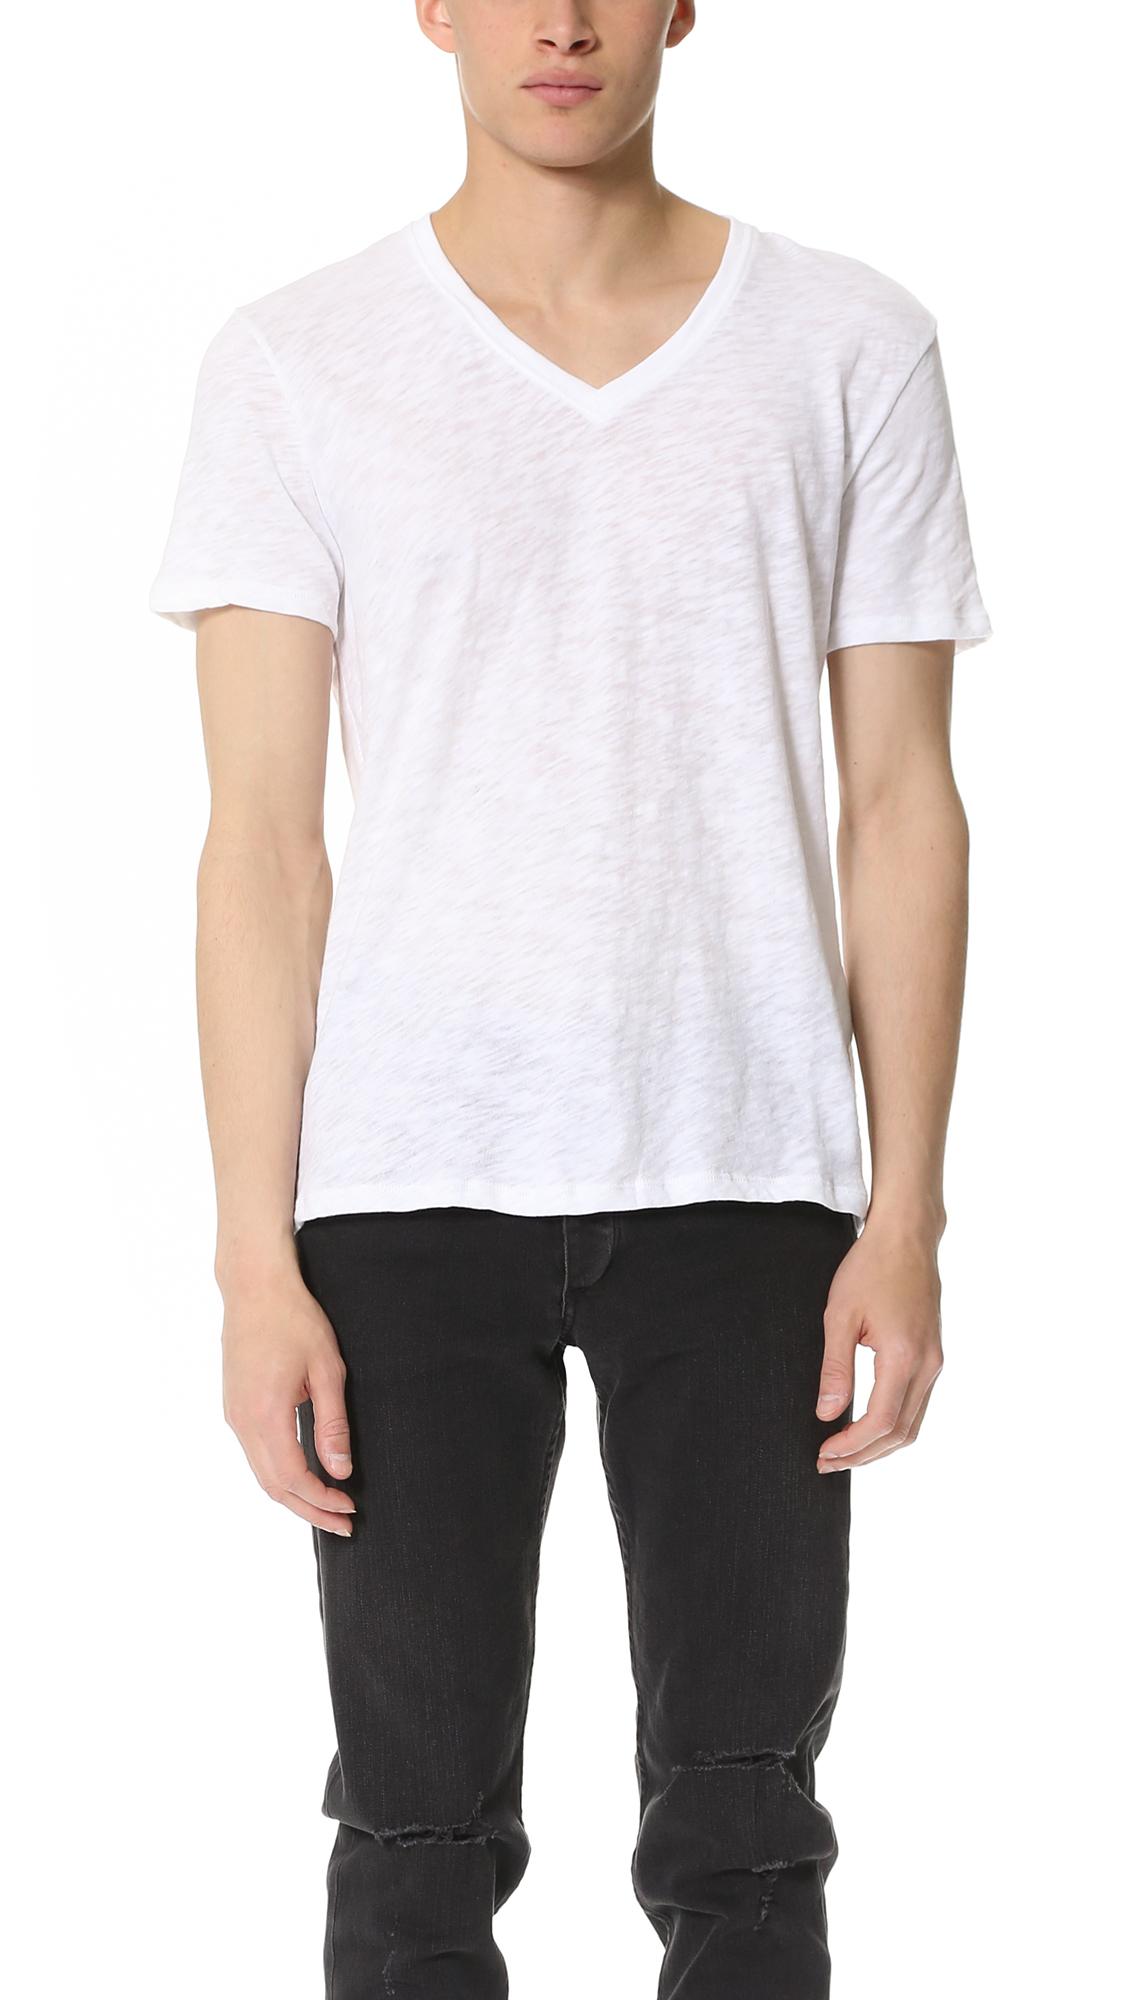 Lyst atm v neck slub jersey t shirt in white for men for V neck white t shirts for men